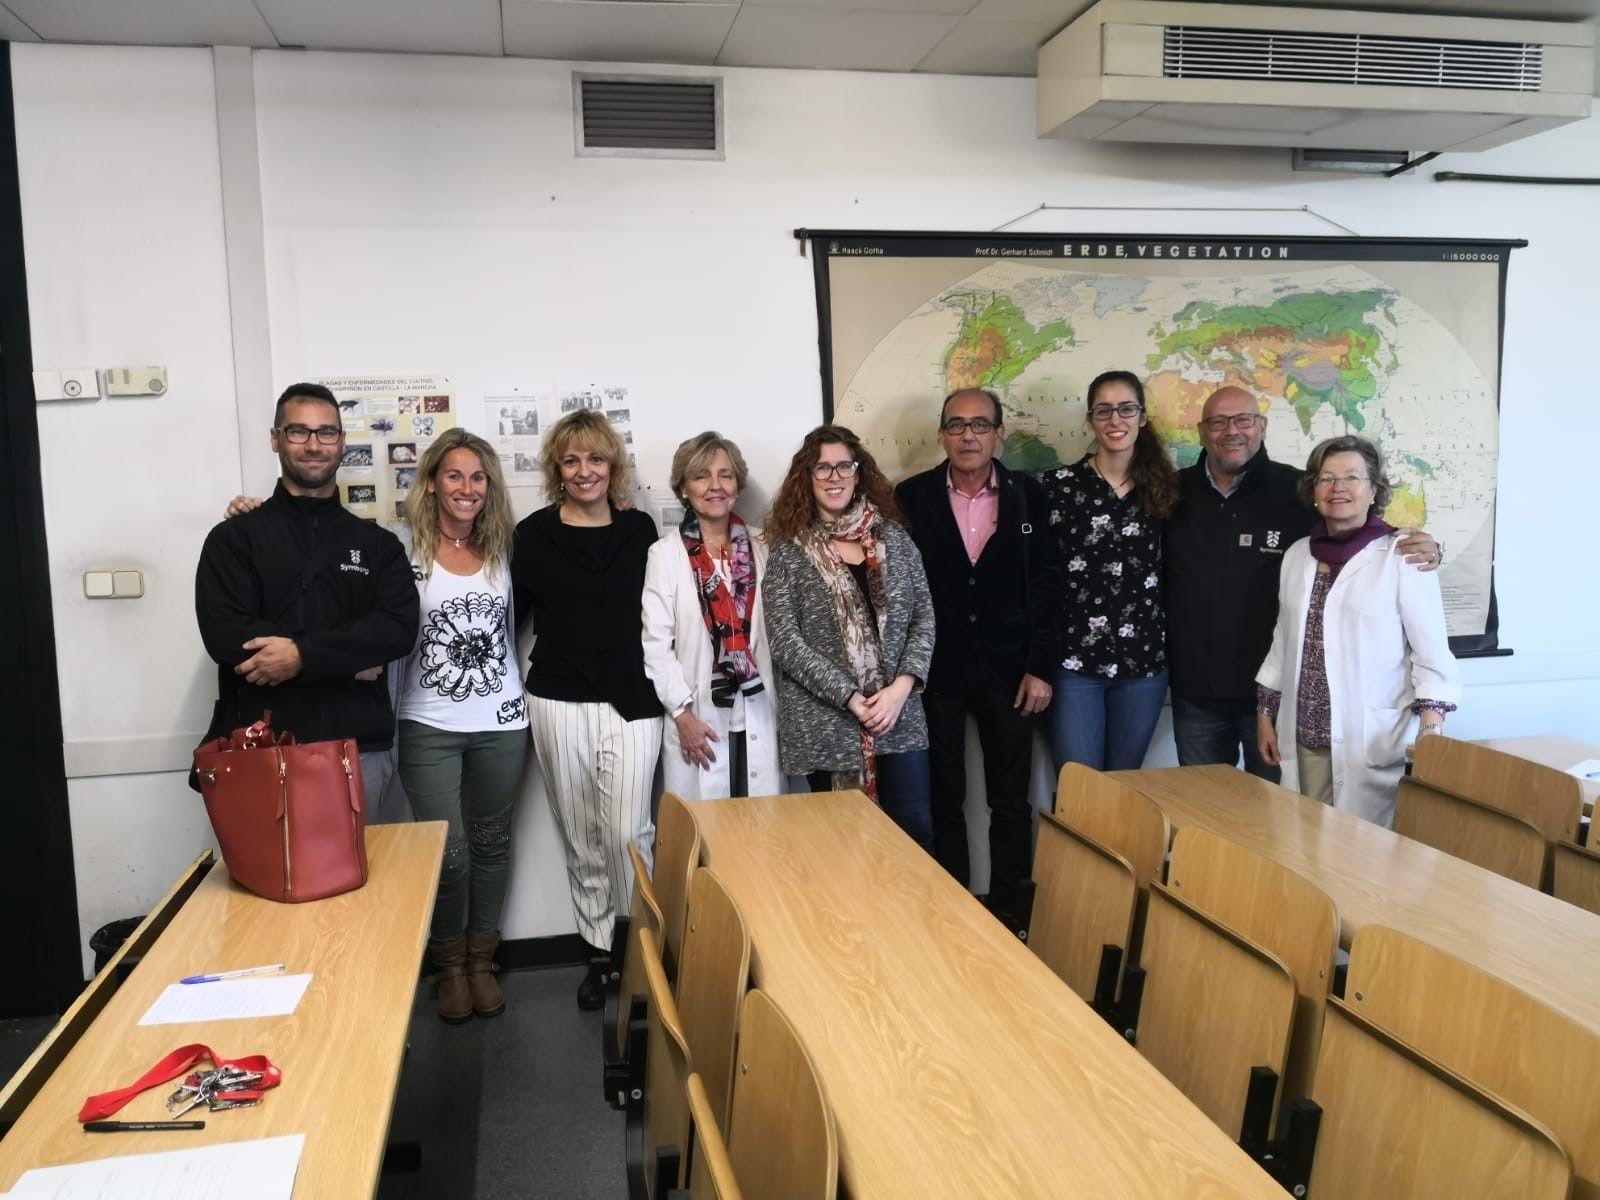 Foto de Symborg junto al equipo de investigación de la joven doctora